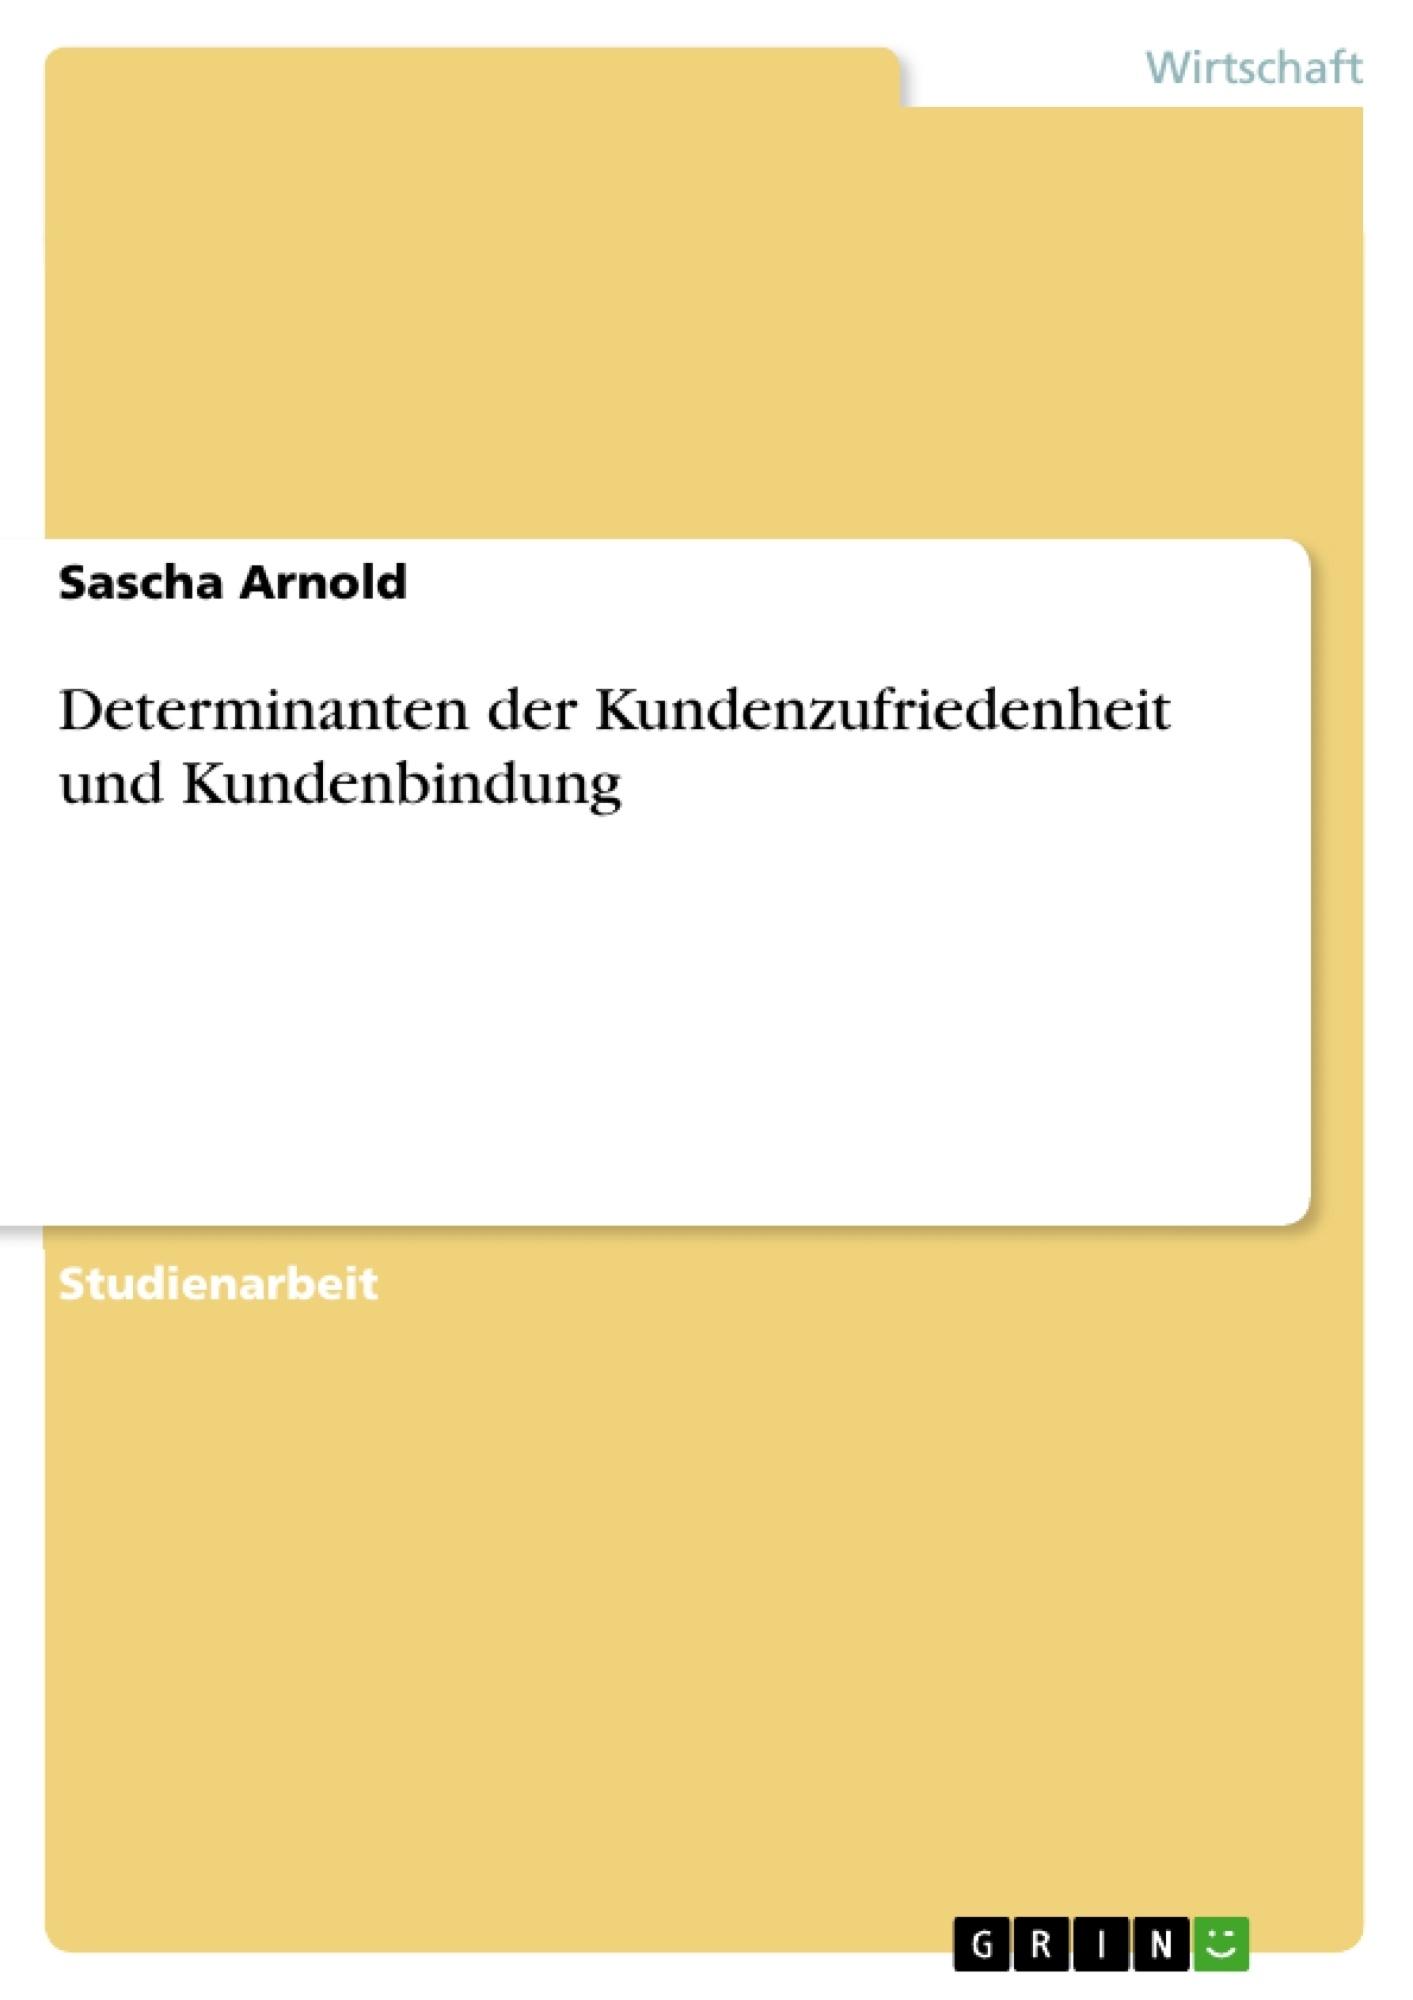 Titel: Determinanten der Kundenzufriedenheit und Kundenbindung